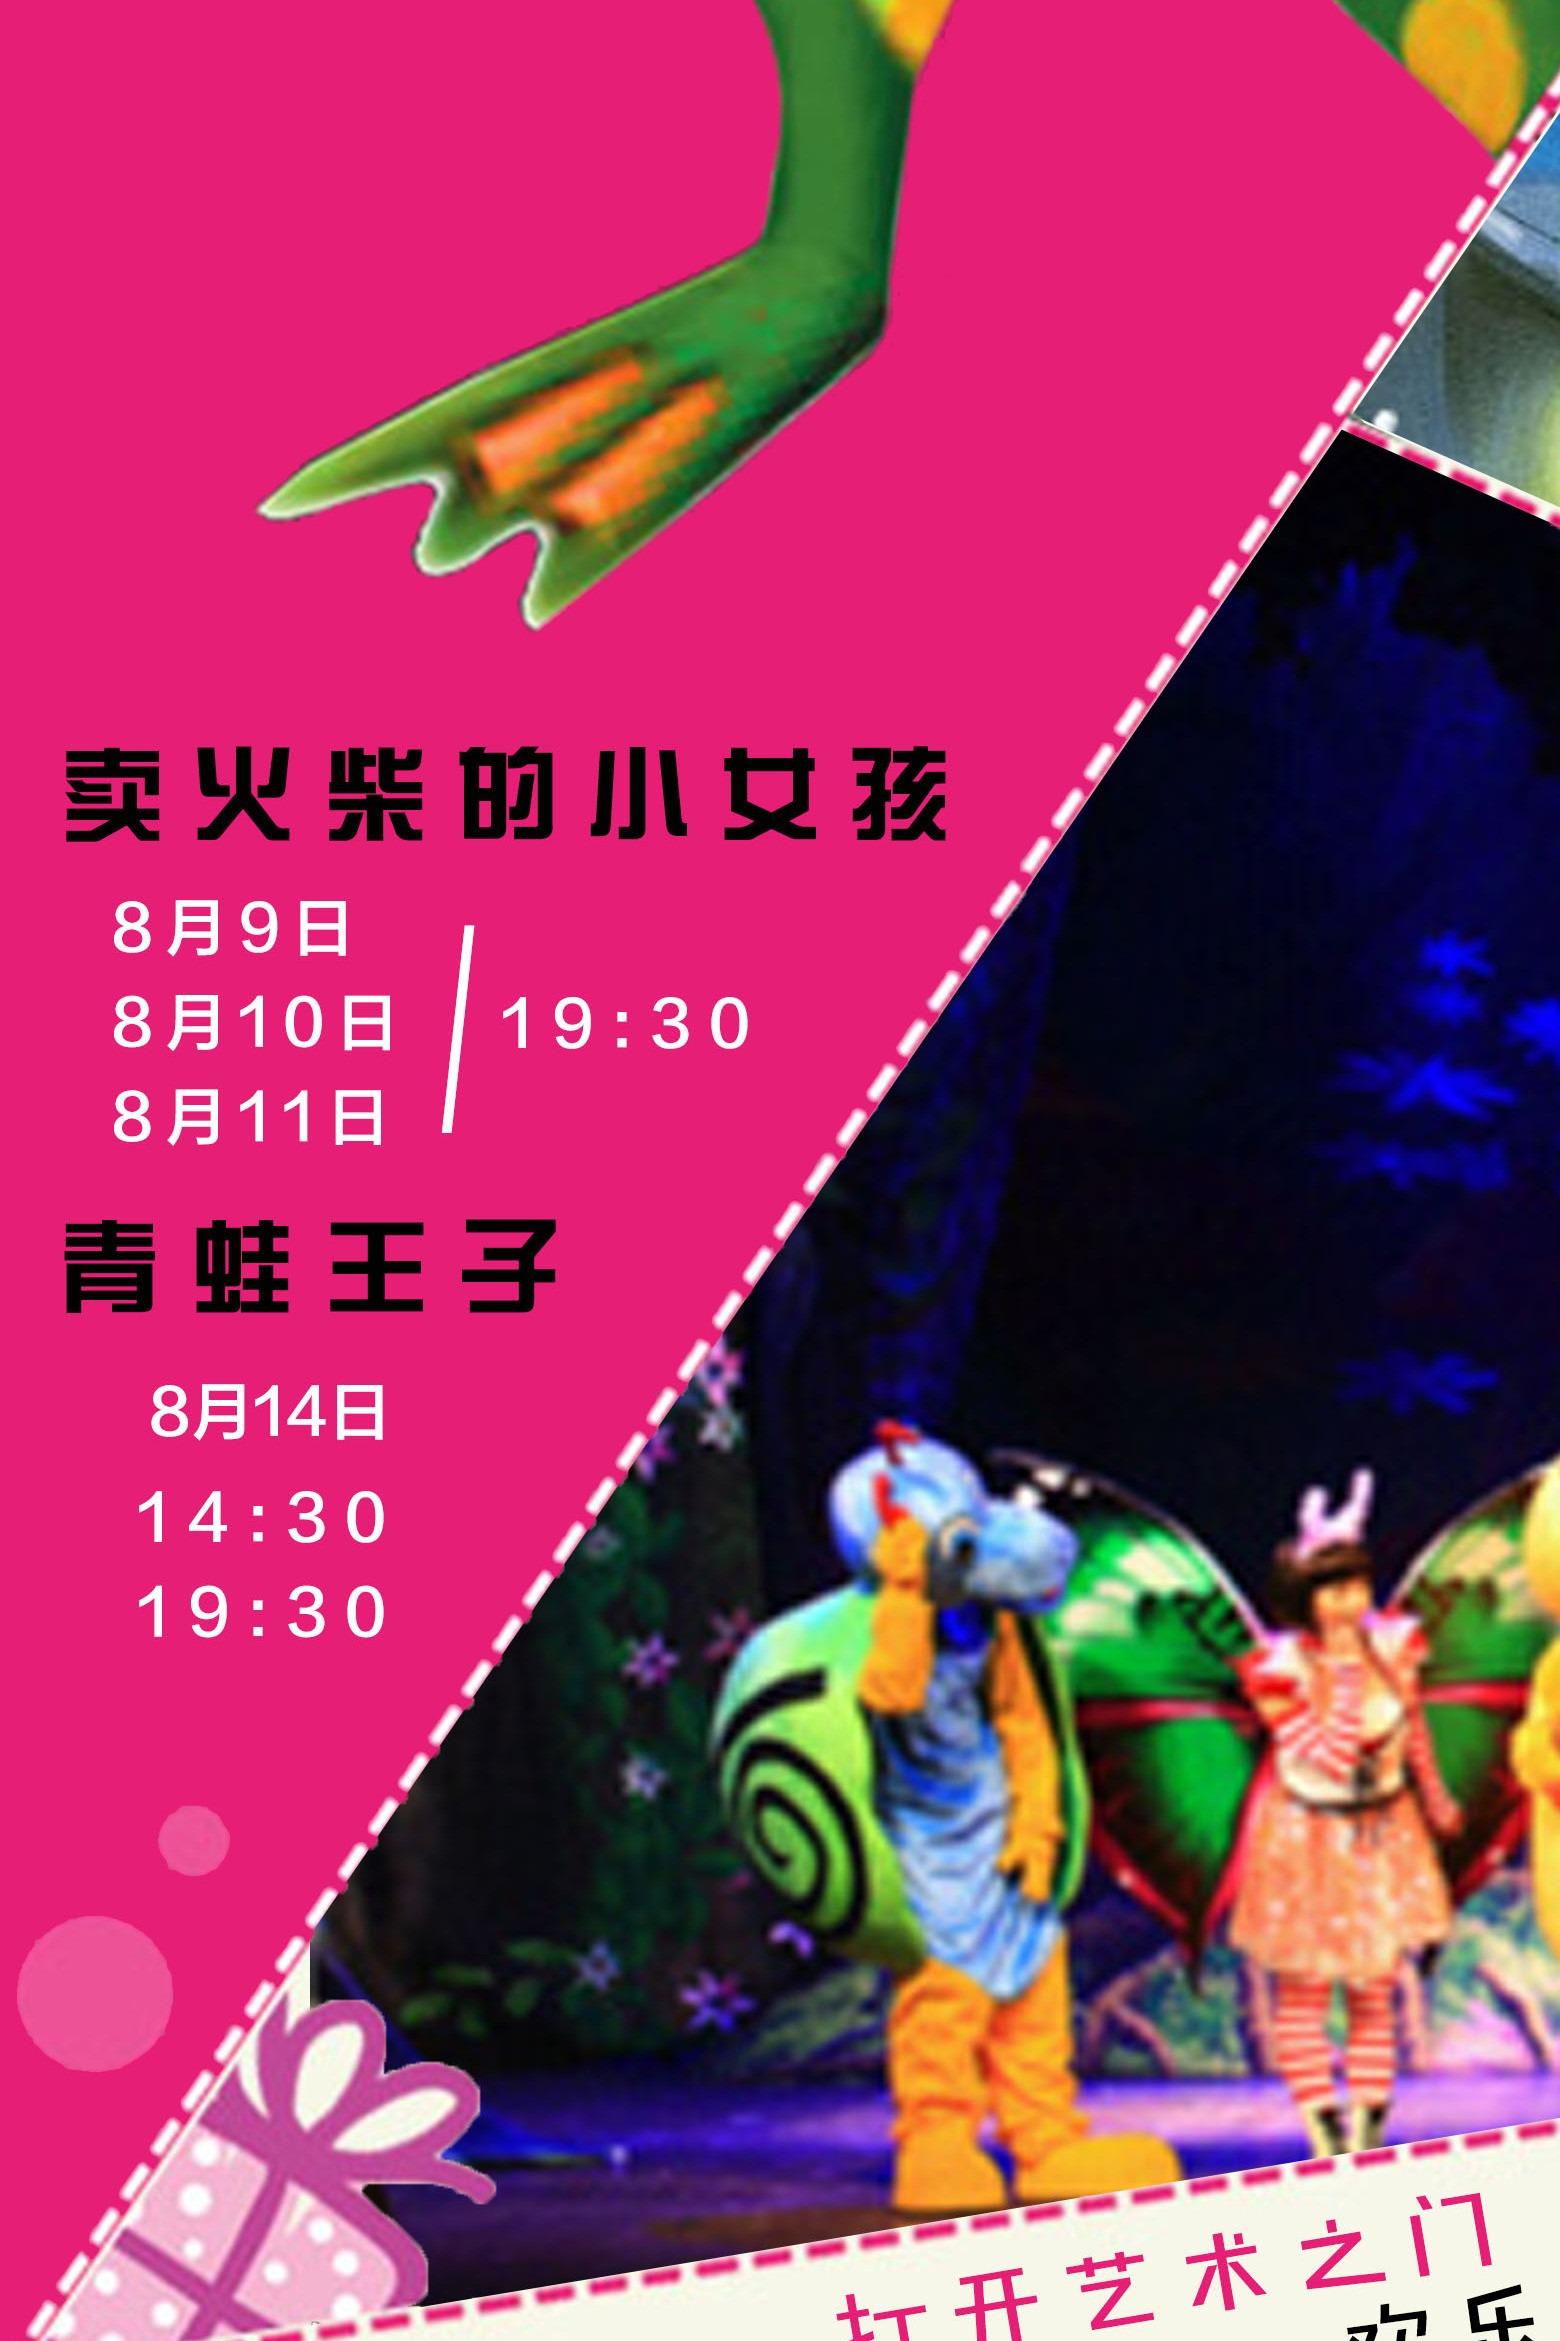 【欢乐艺夏】禧德亲子&保利大剧院展演亲子话剧